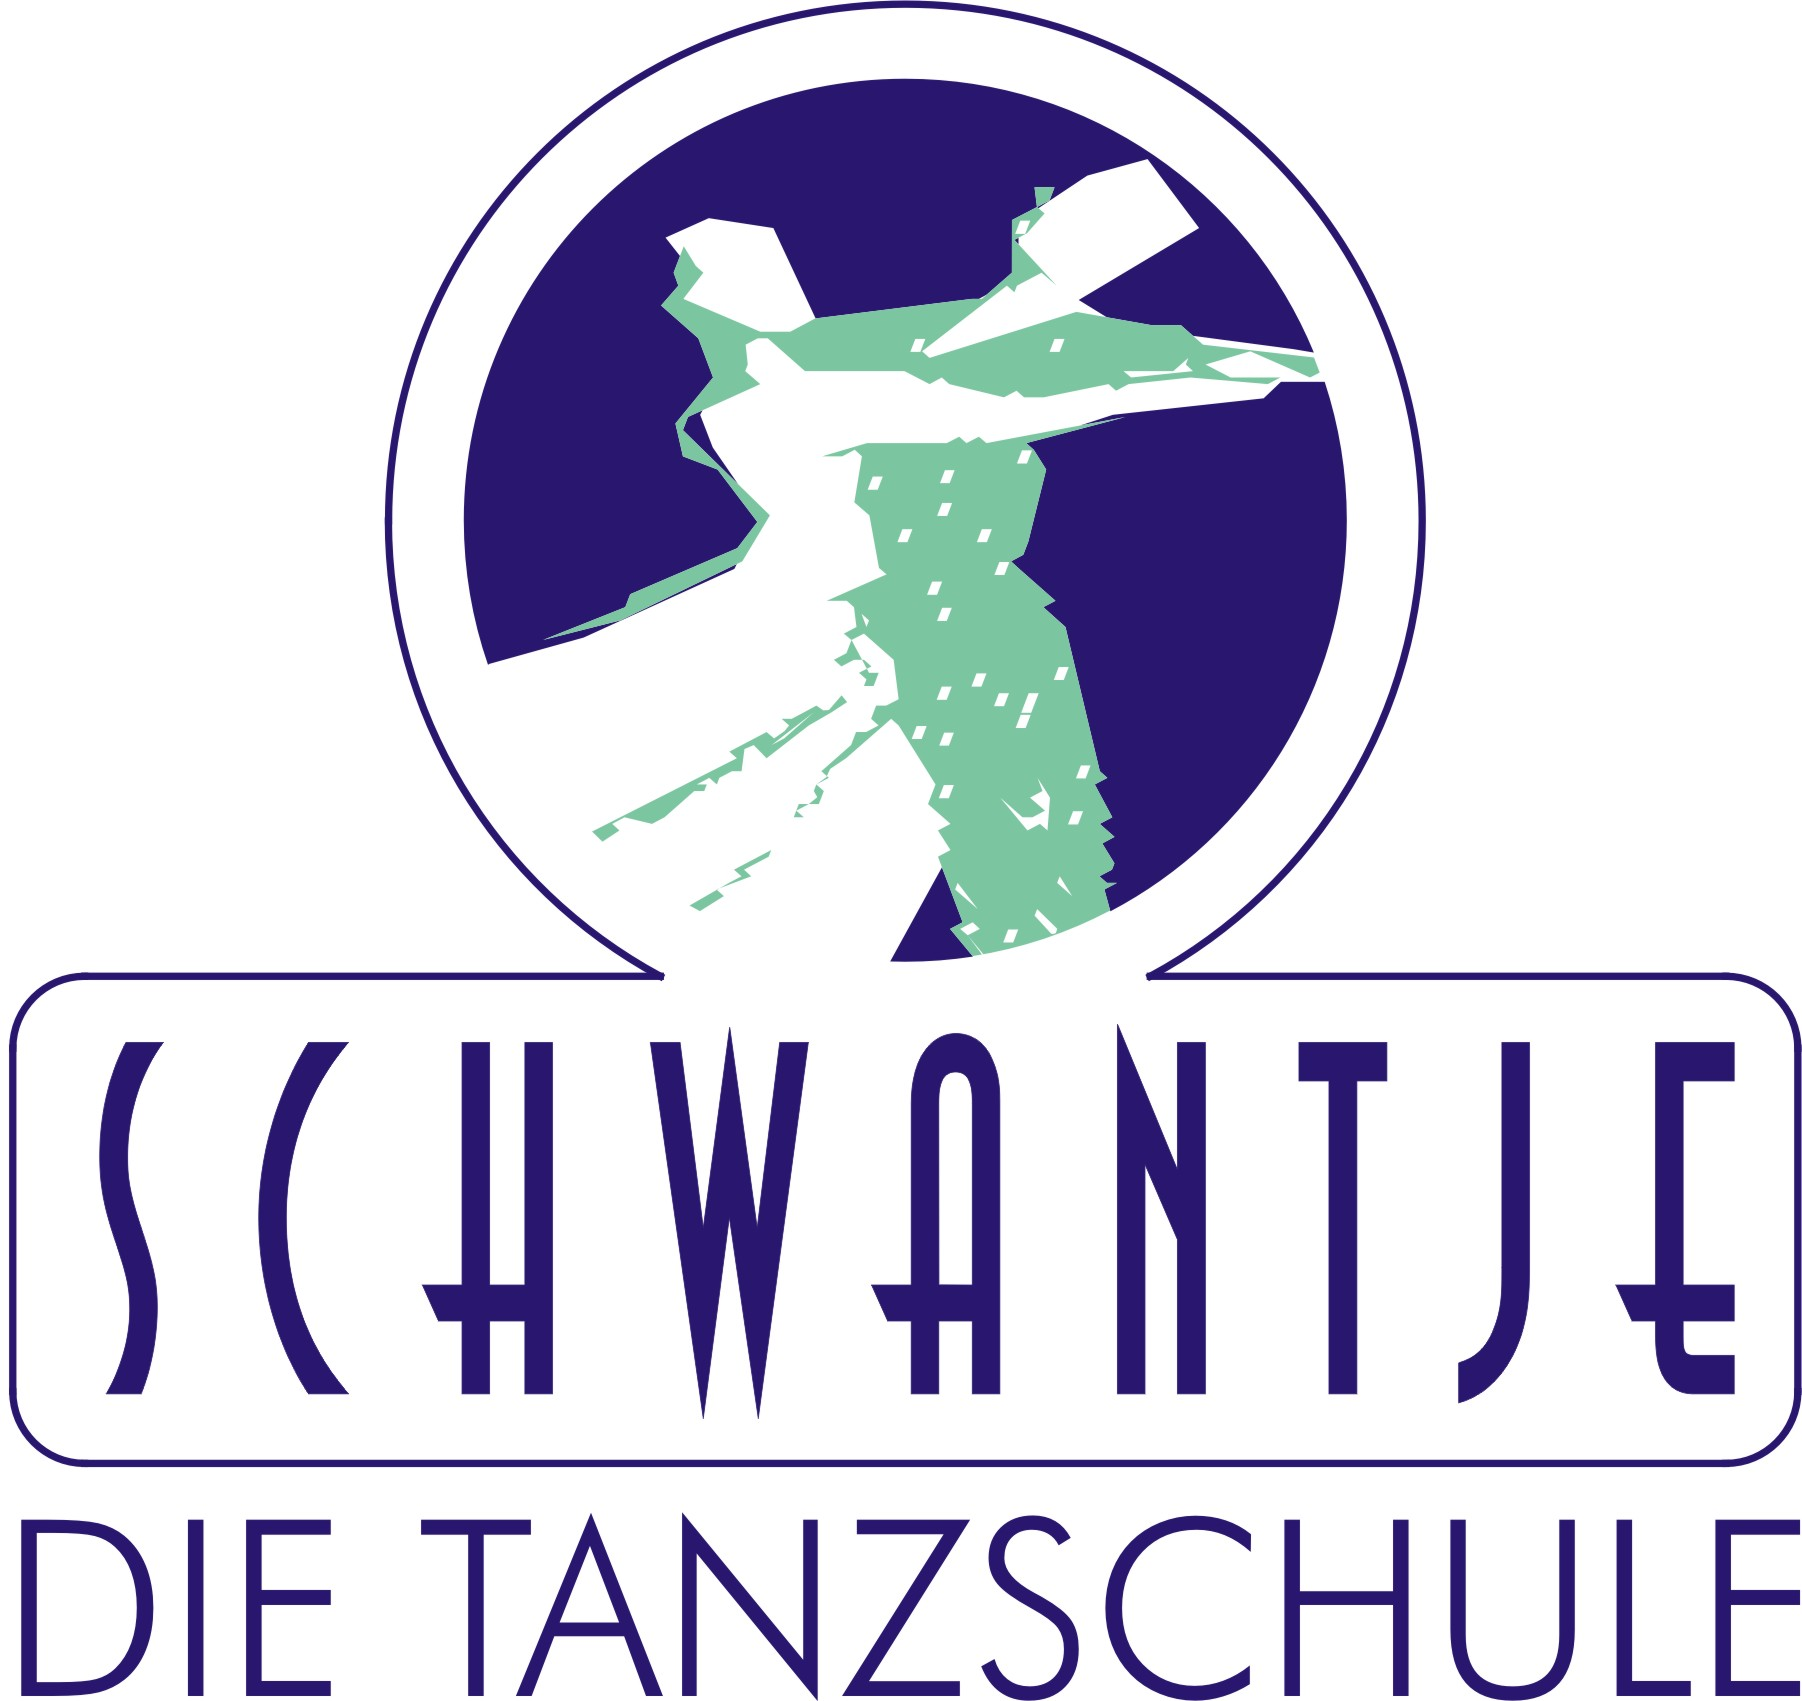 Tanzschule Schwantje